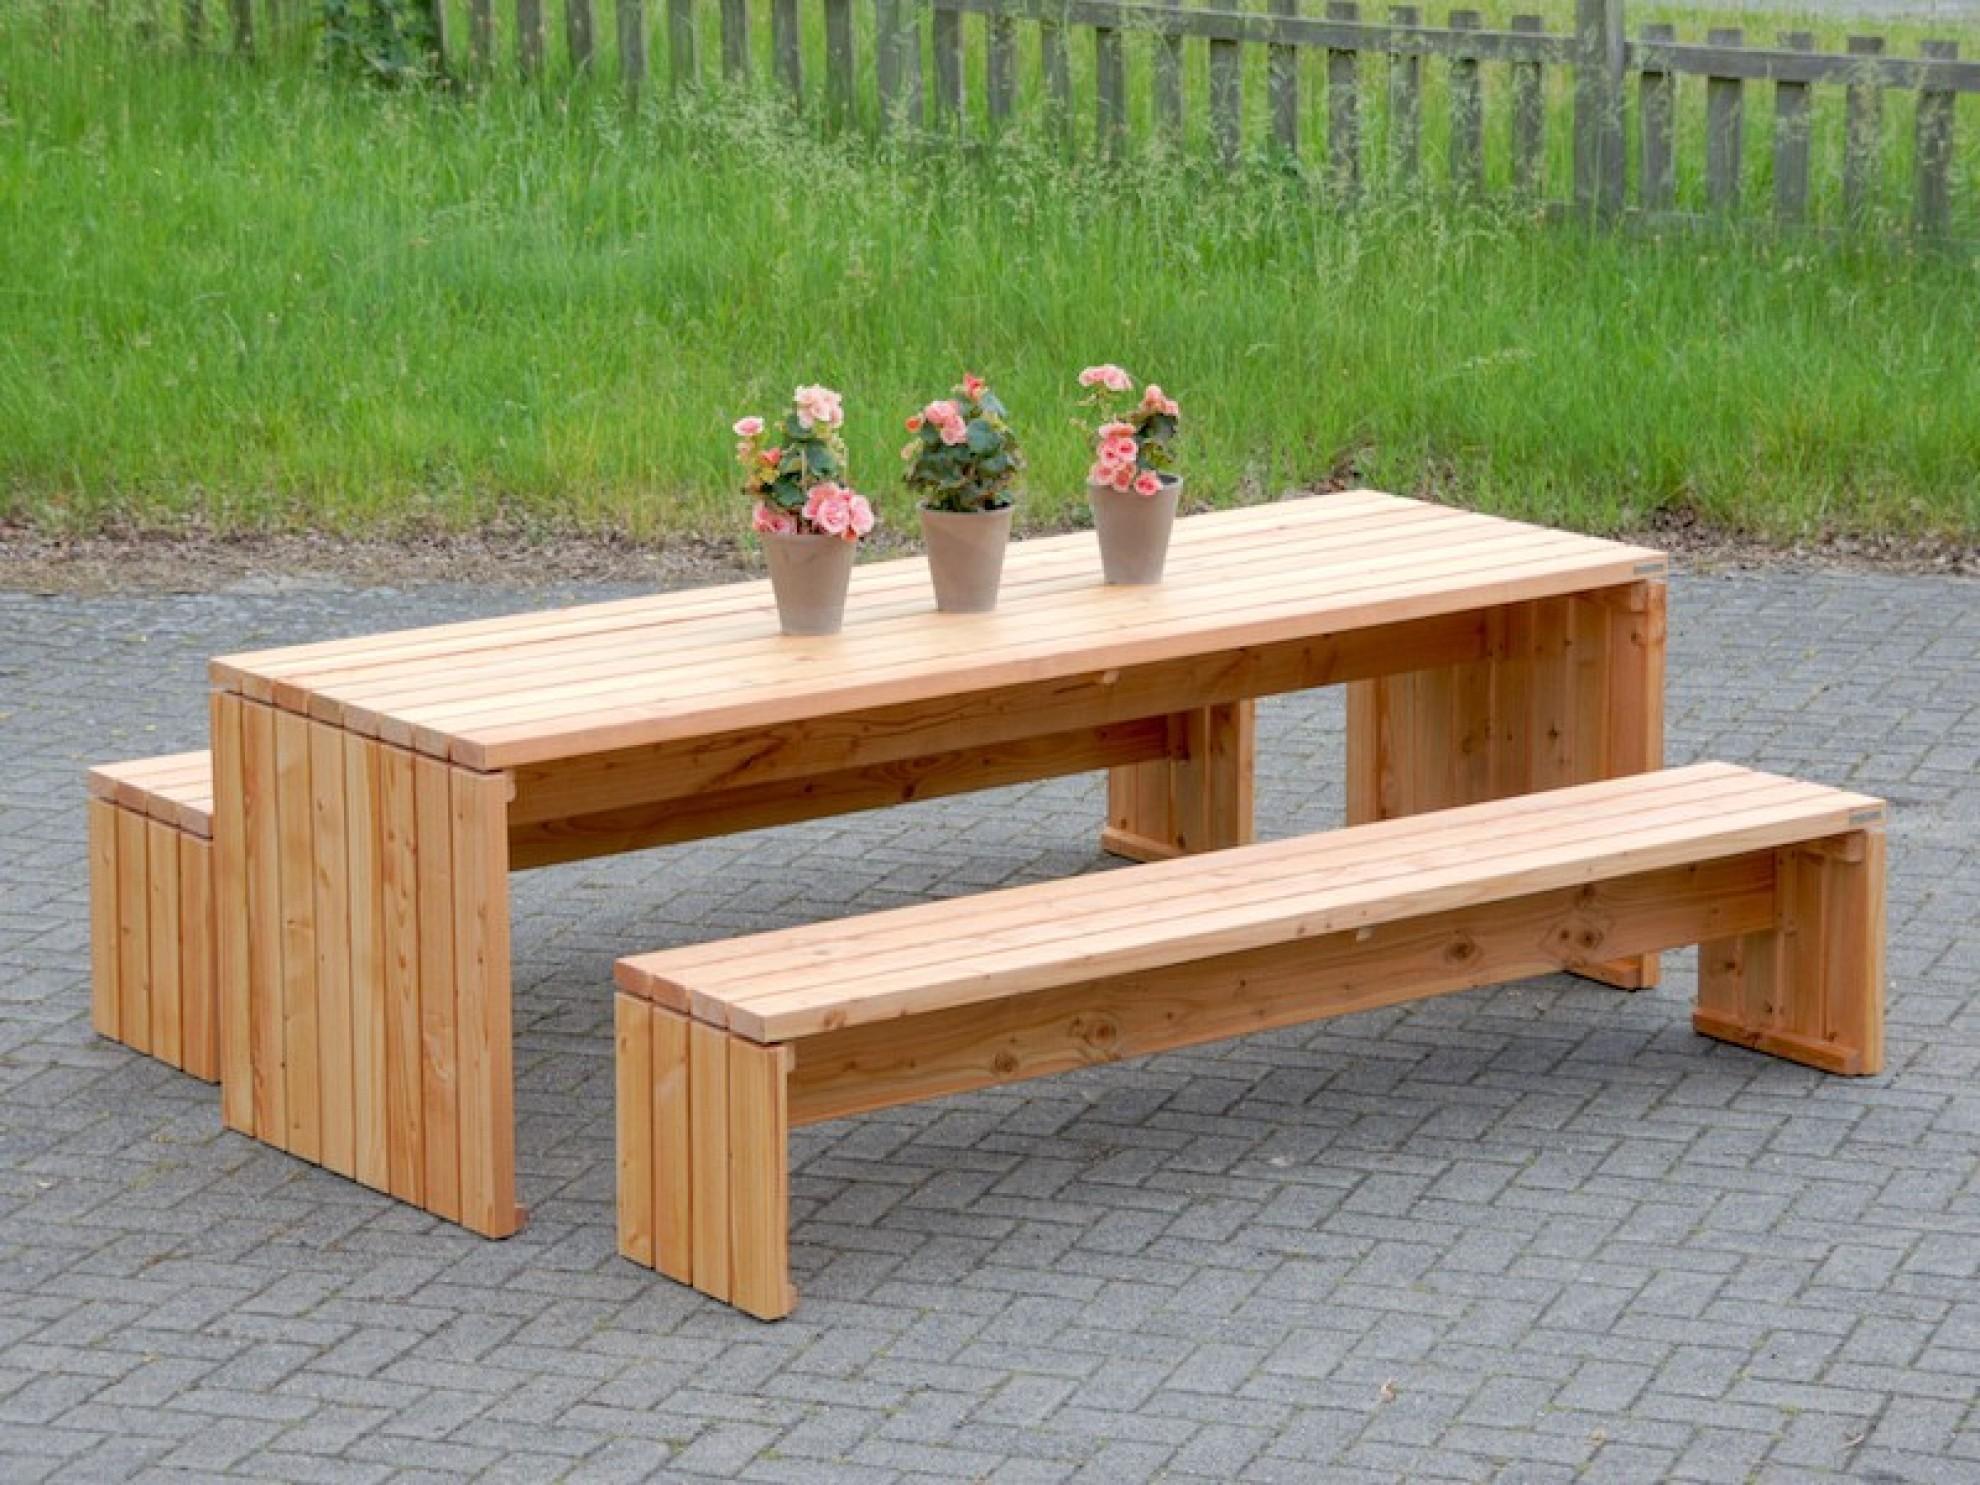 Teakholz Gartenmobel Rustikal : Gartentisch  Zeitlose Gartenmöbel aus heimischem Holz